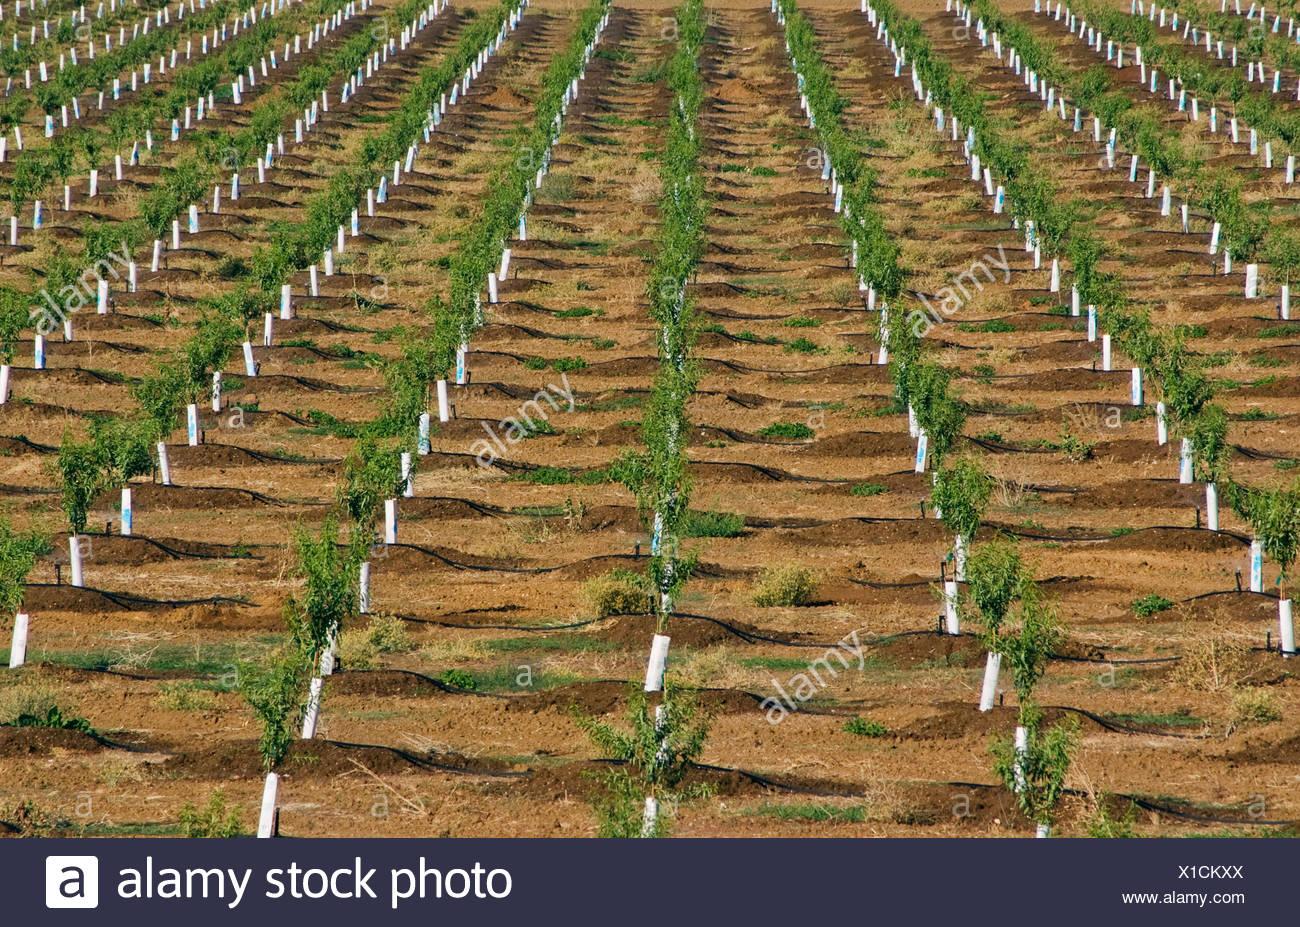 Reihen von jungen Mandelbäume in einem vor kurzem gepflanzten Obstgarten. Die Bäume haben Nagetiere Protektoren um ihre Stämme / California. Stockbild